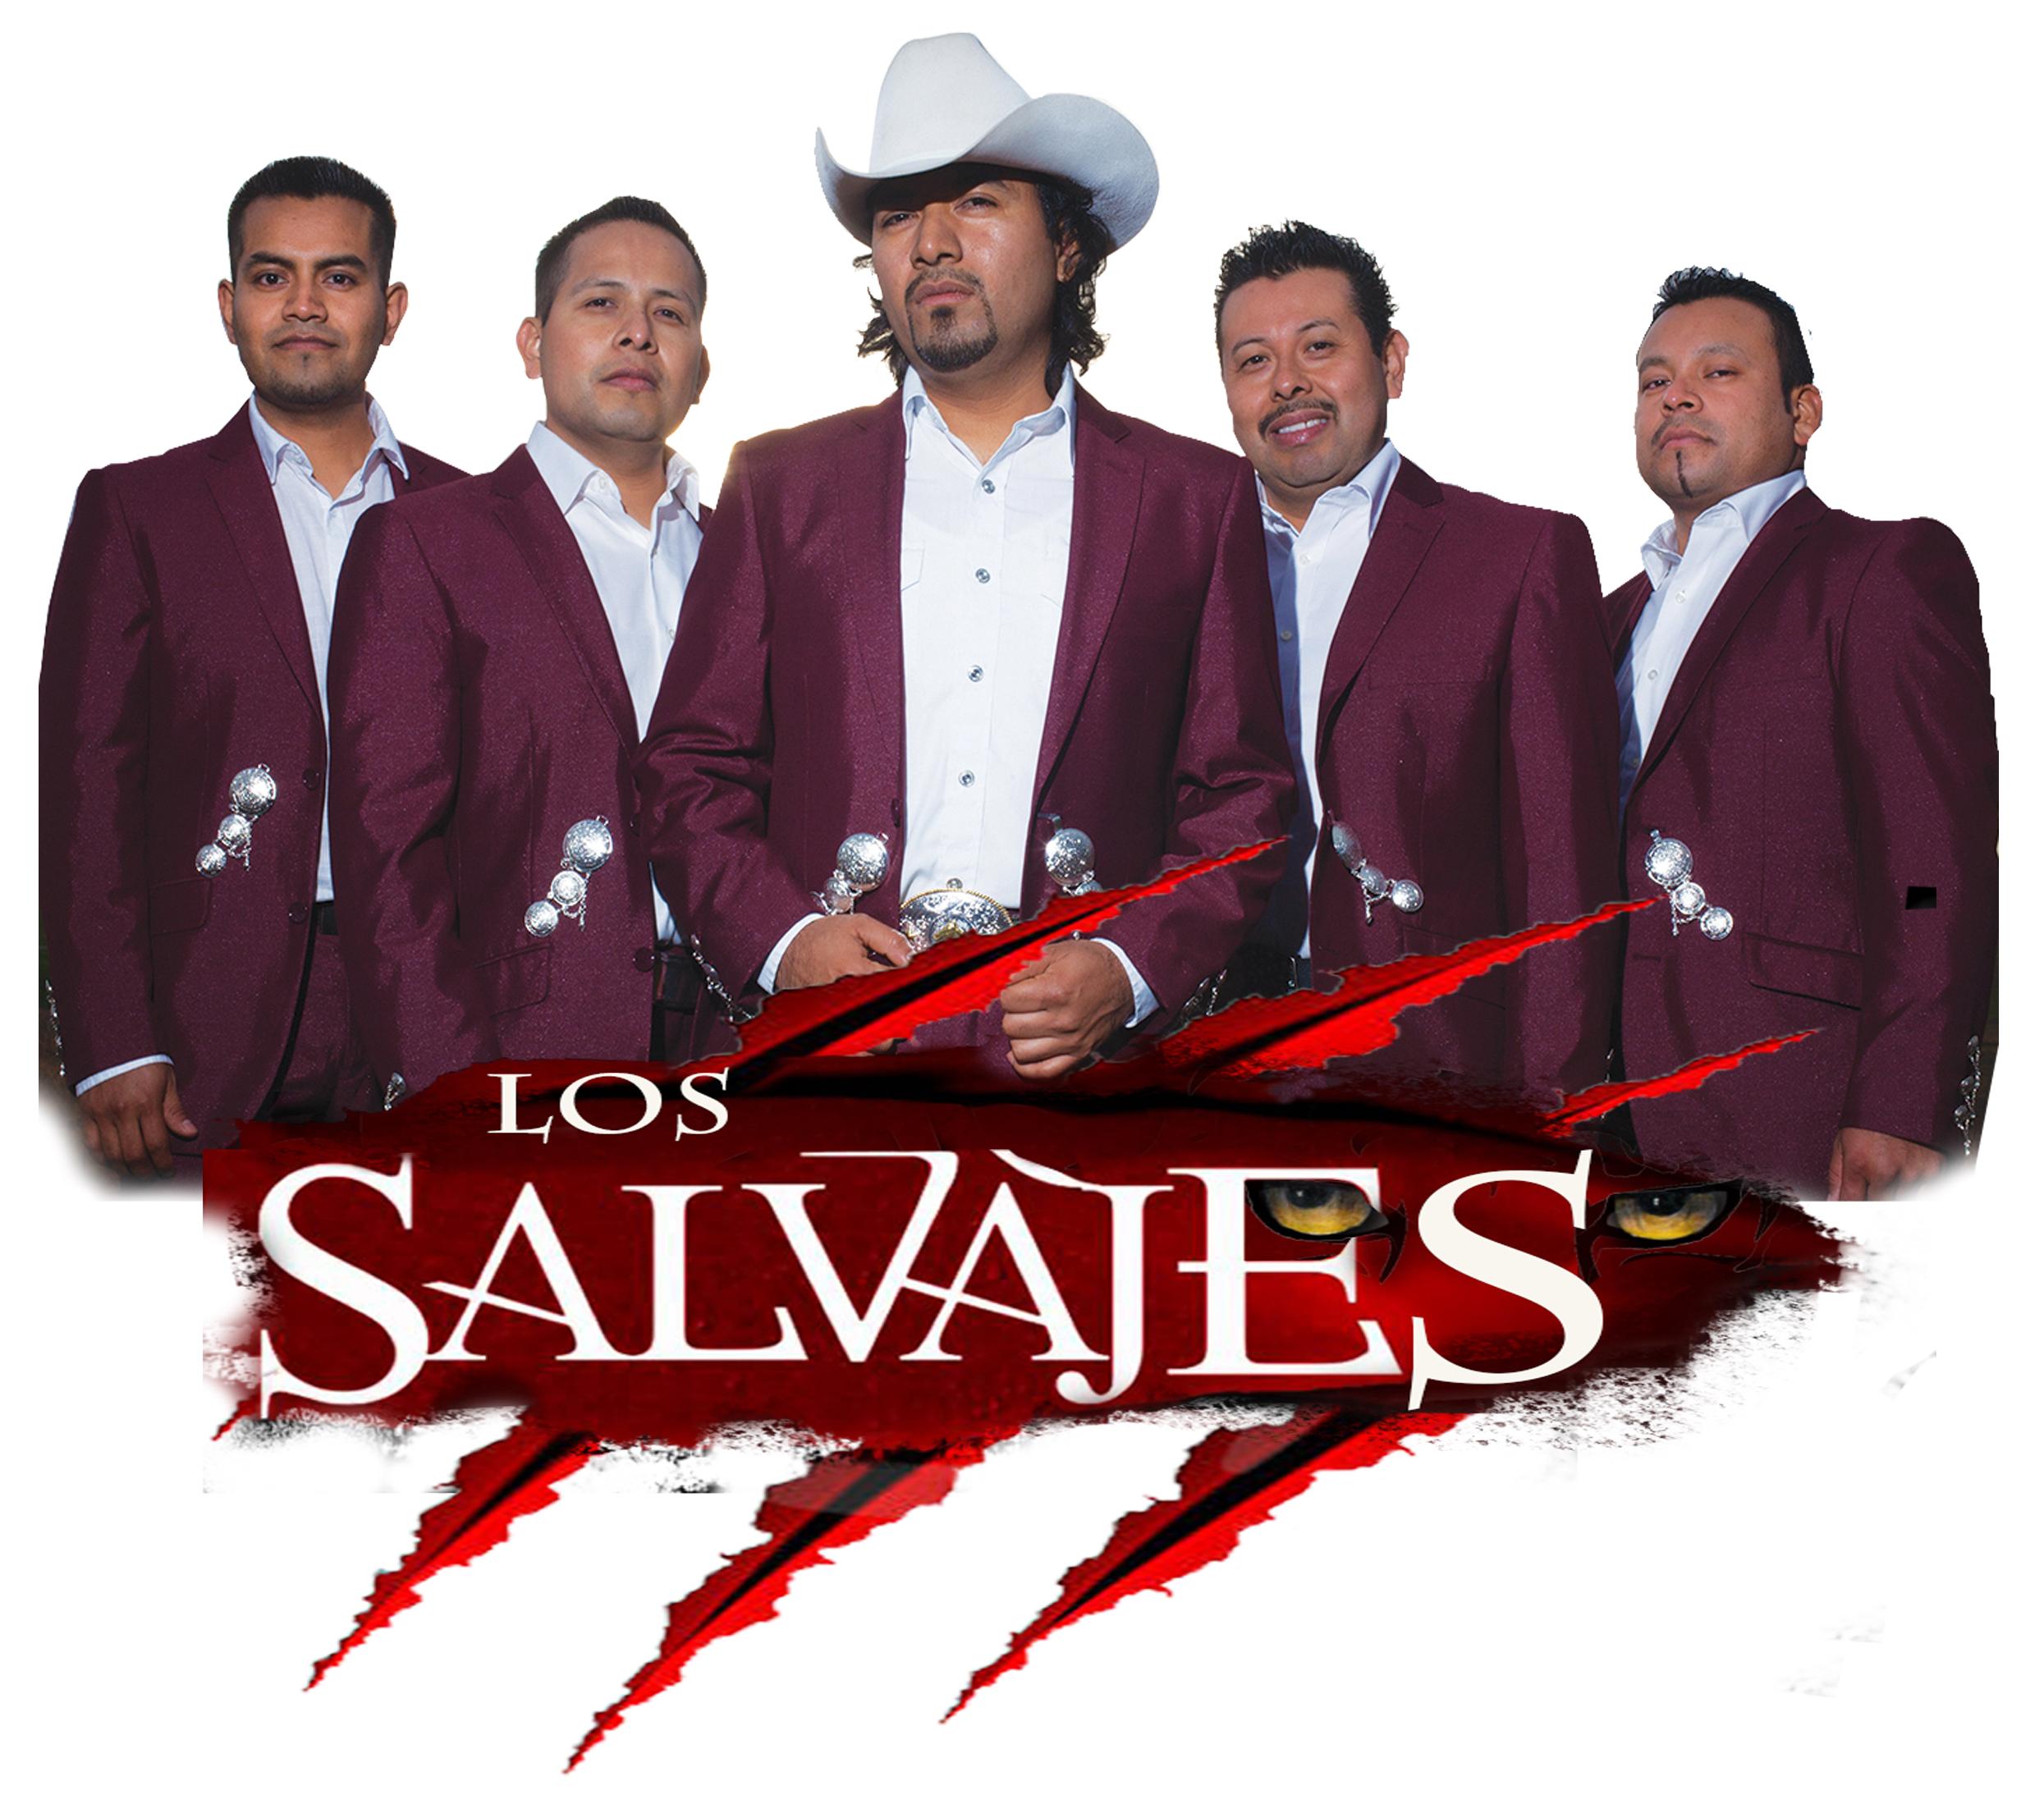 5pm -Los Salvajes - Es una agrupación de música regional mexicana (Norteño -- Versátil).